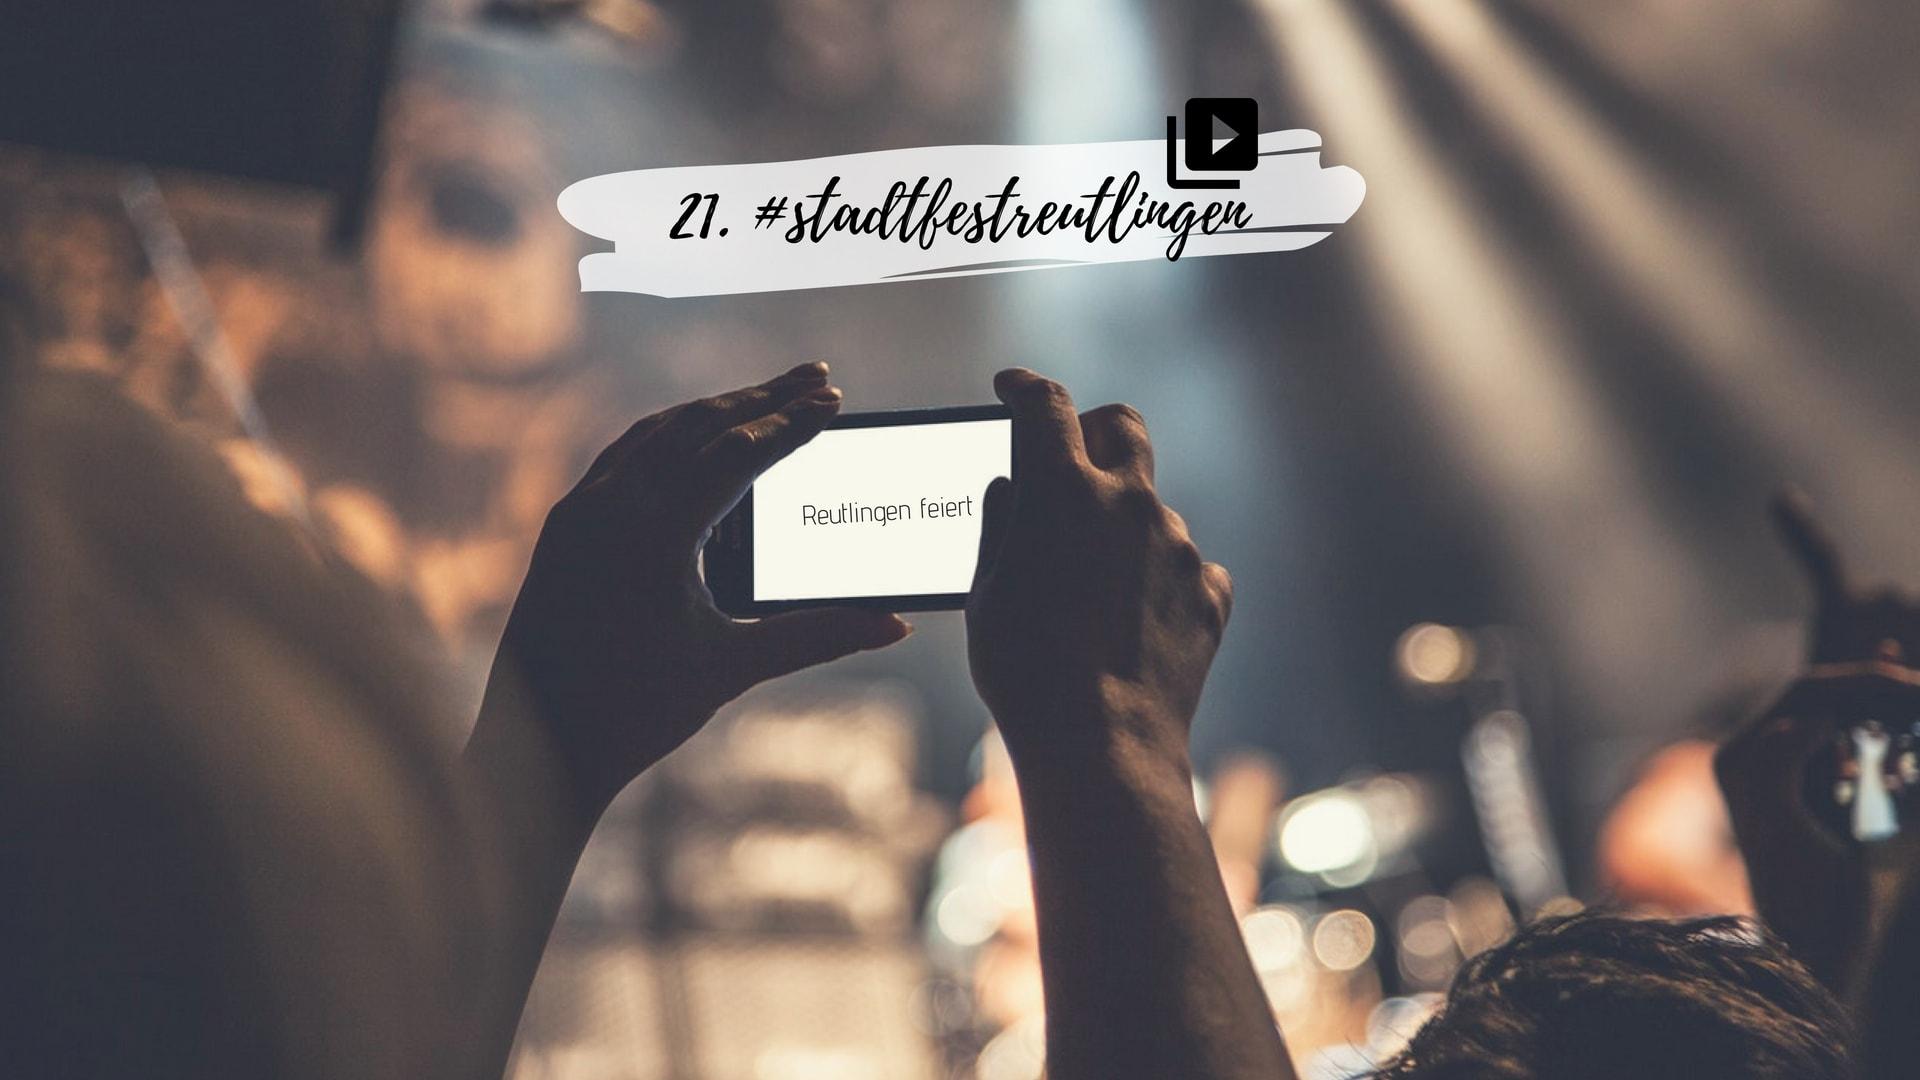 21 #stadtfestreutlingen